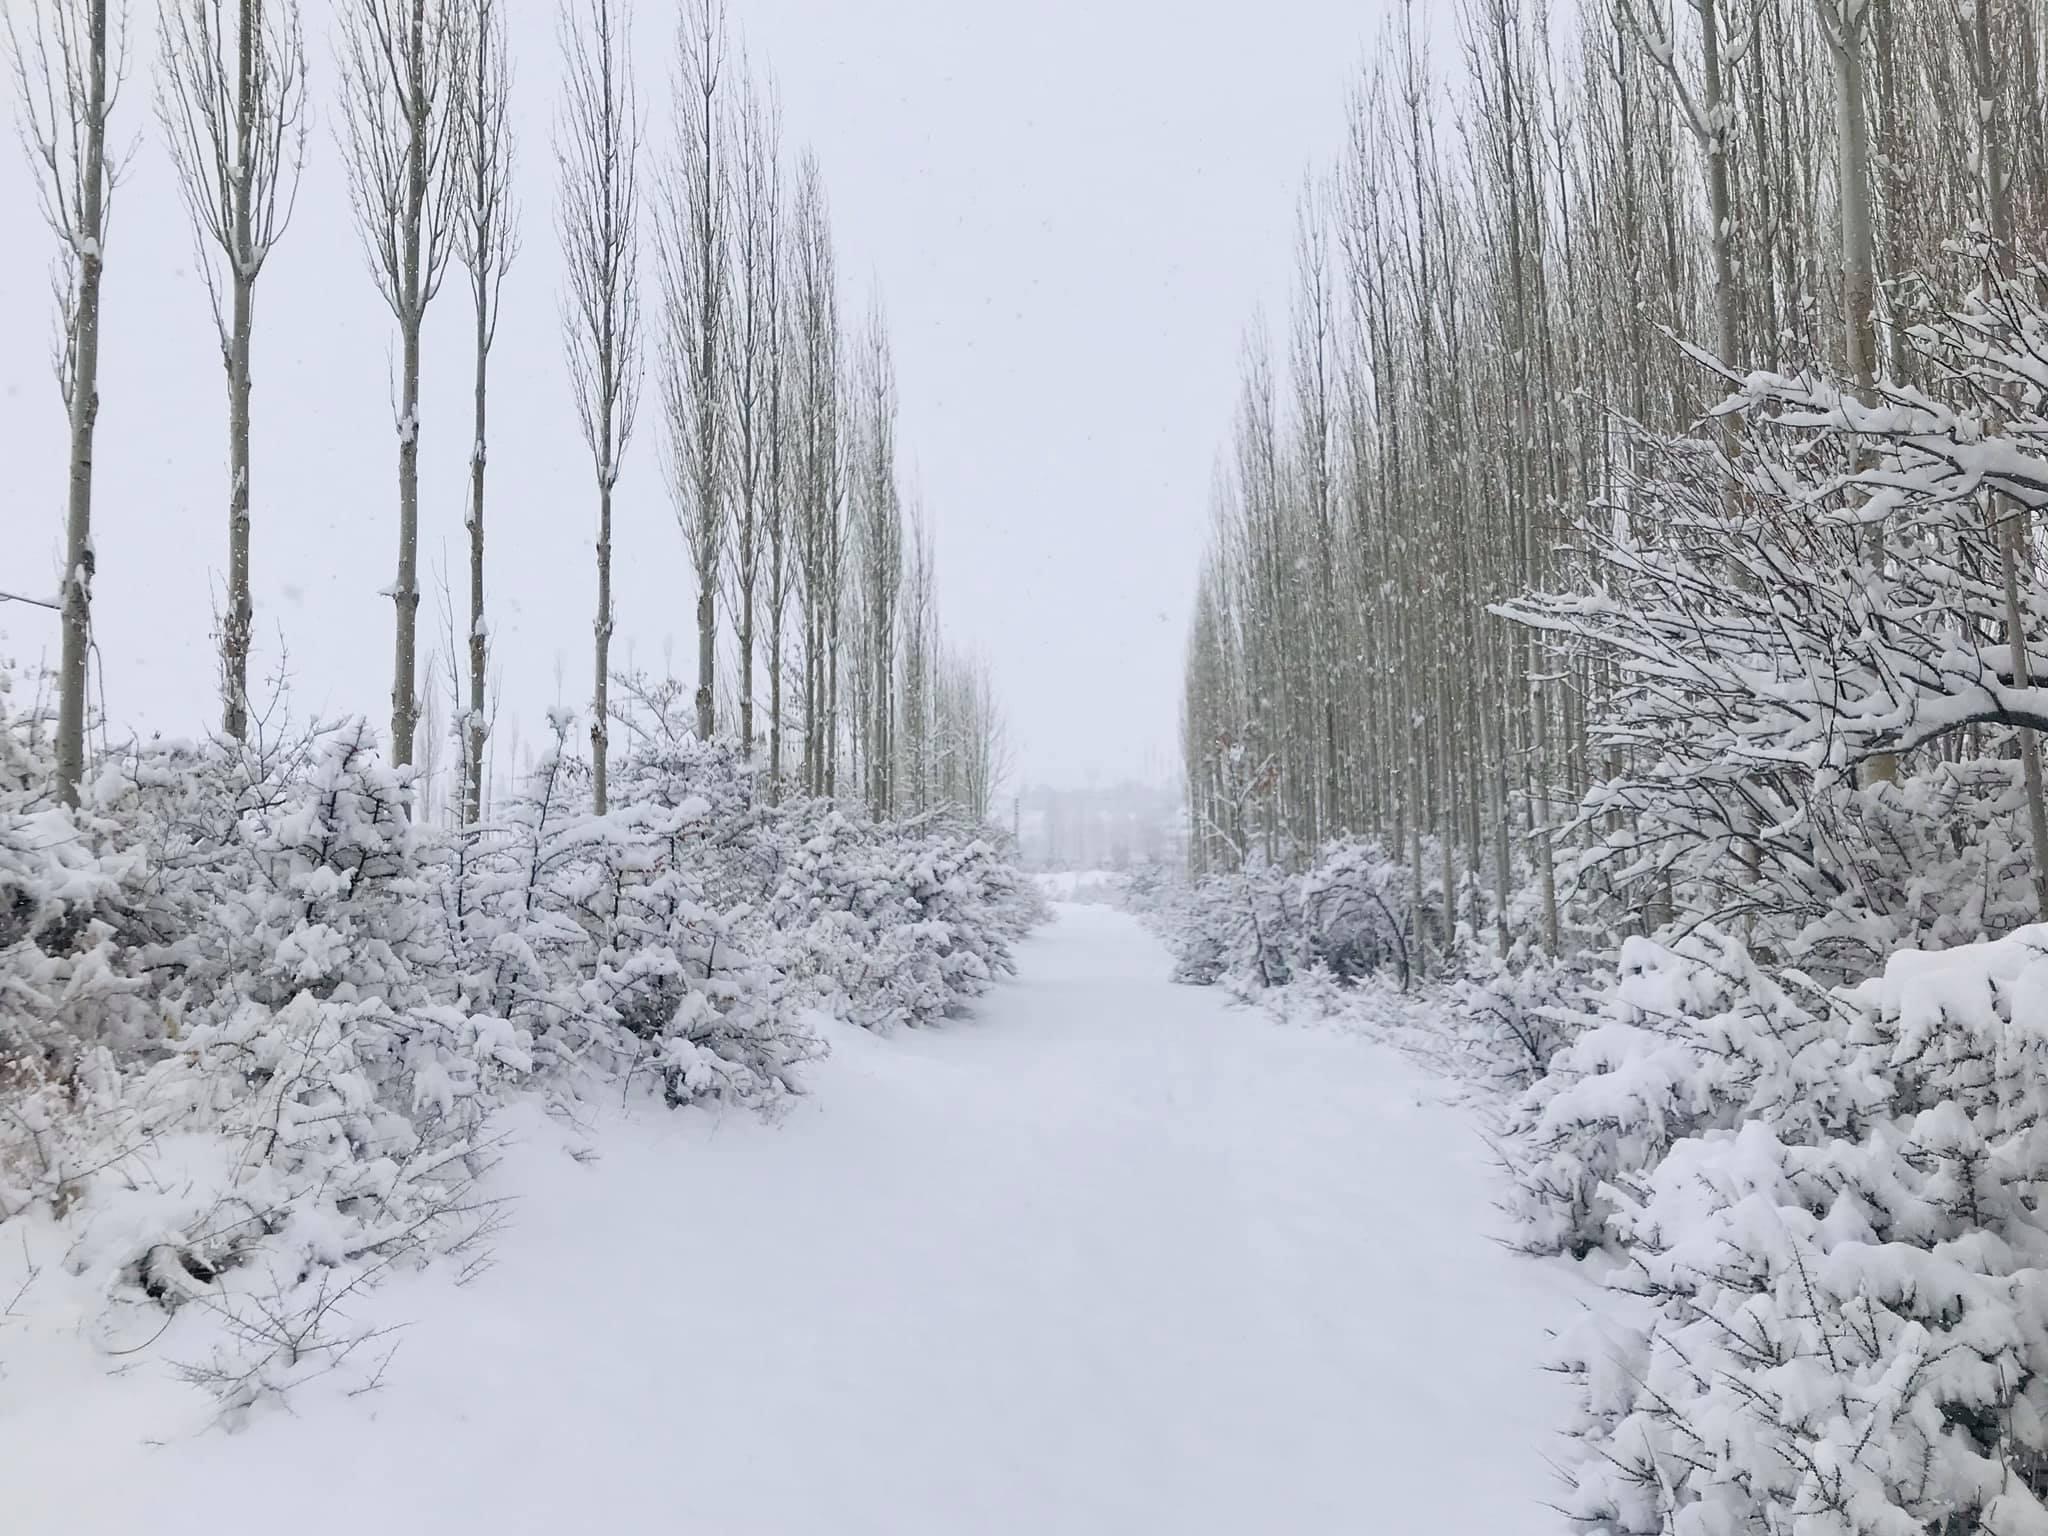 フンザ 静かな静かな冬 雪がどっさり 2020_d0106555_16001087.jpg